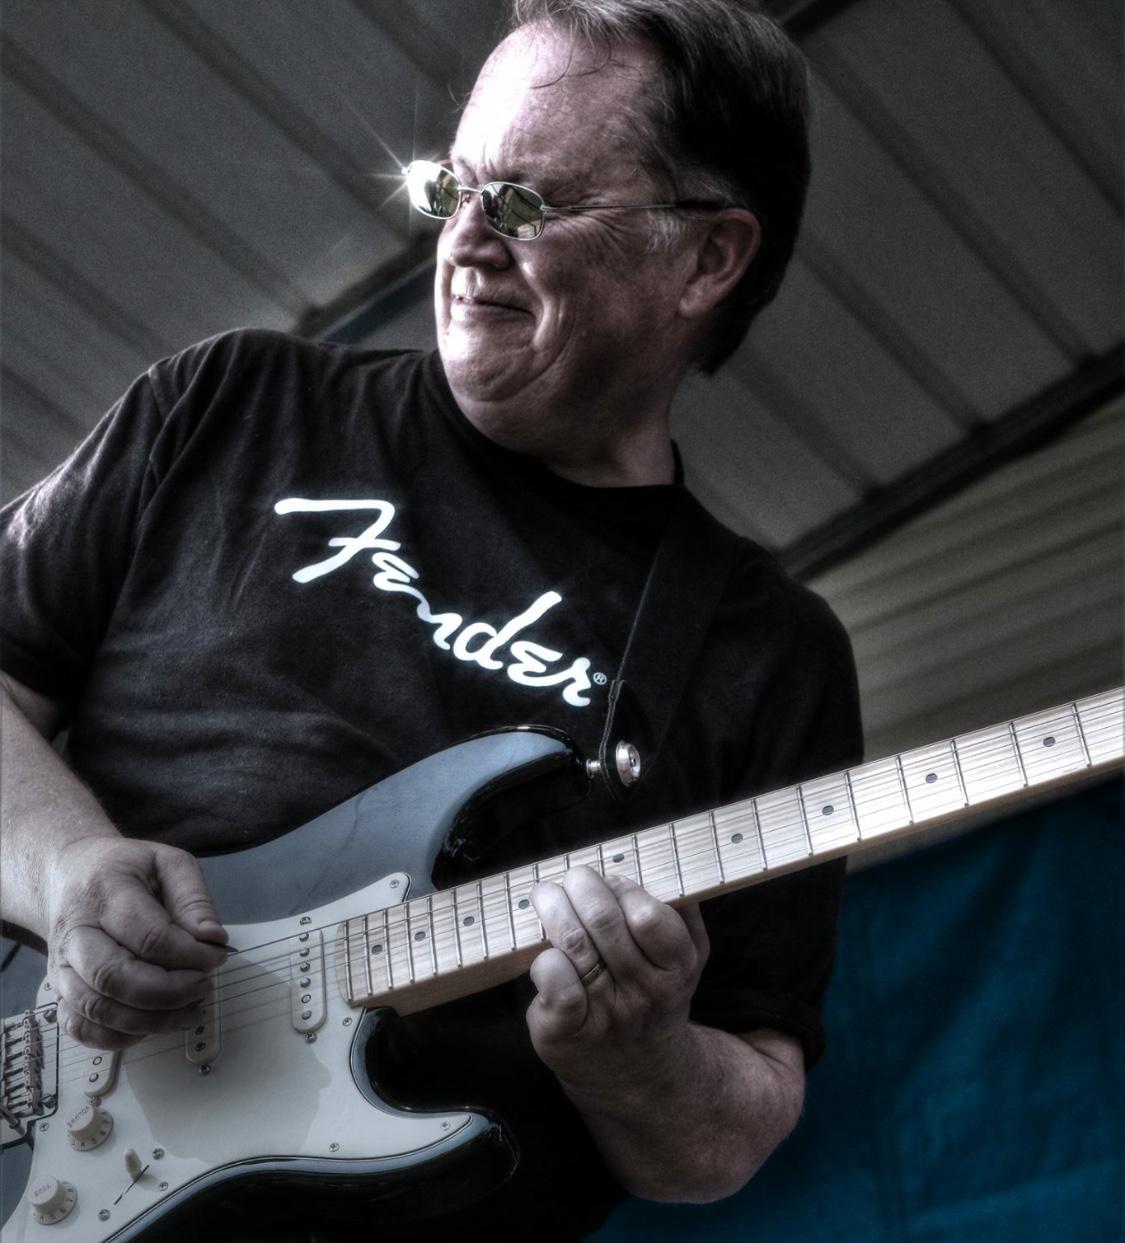 Doug Walton